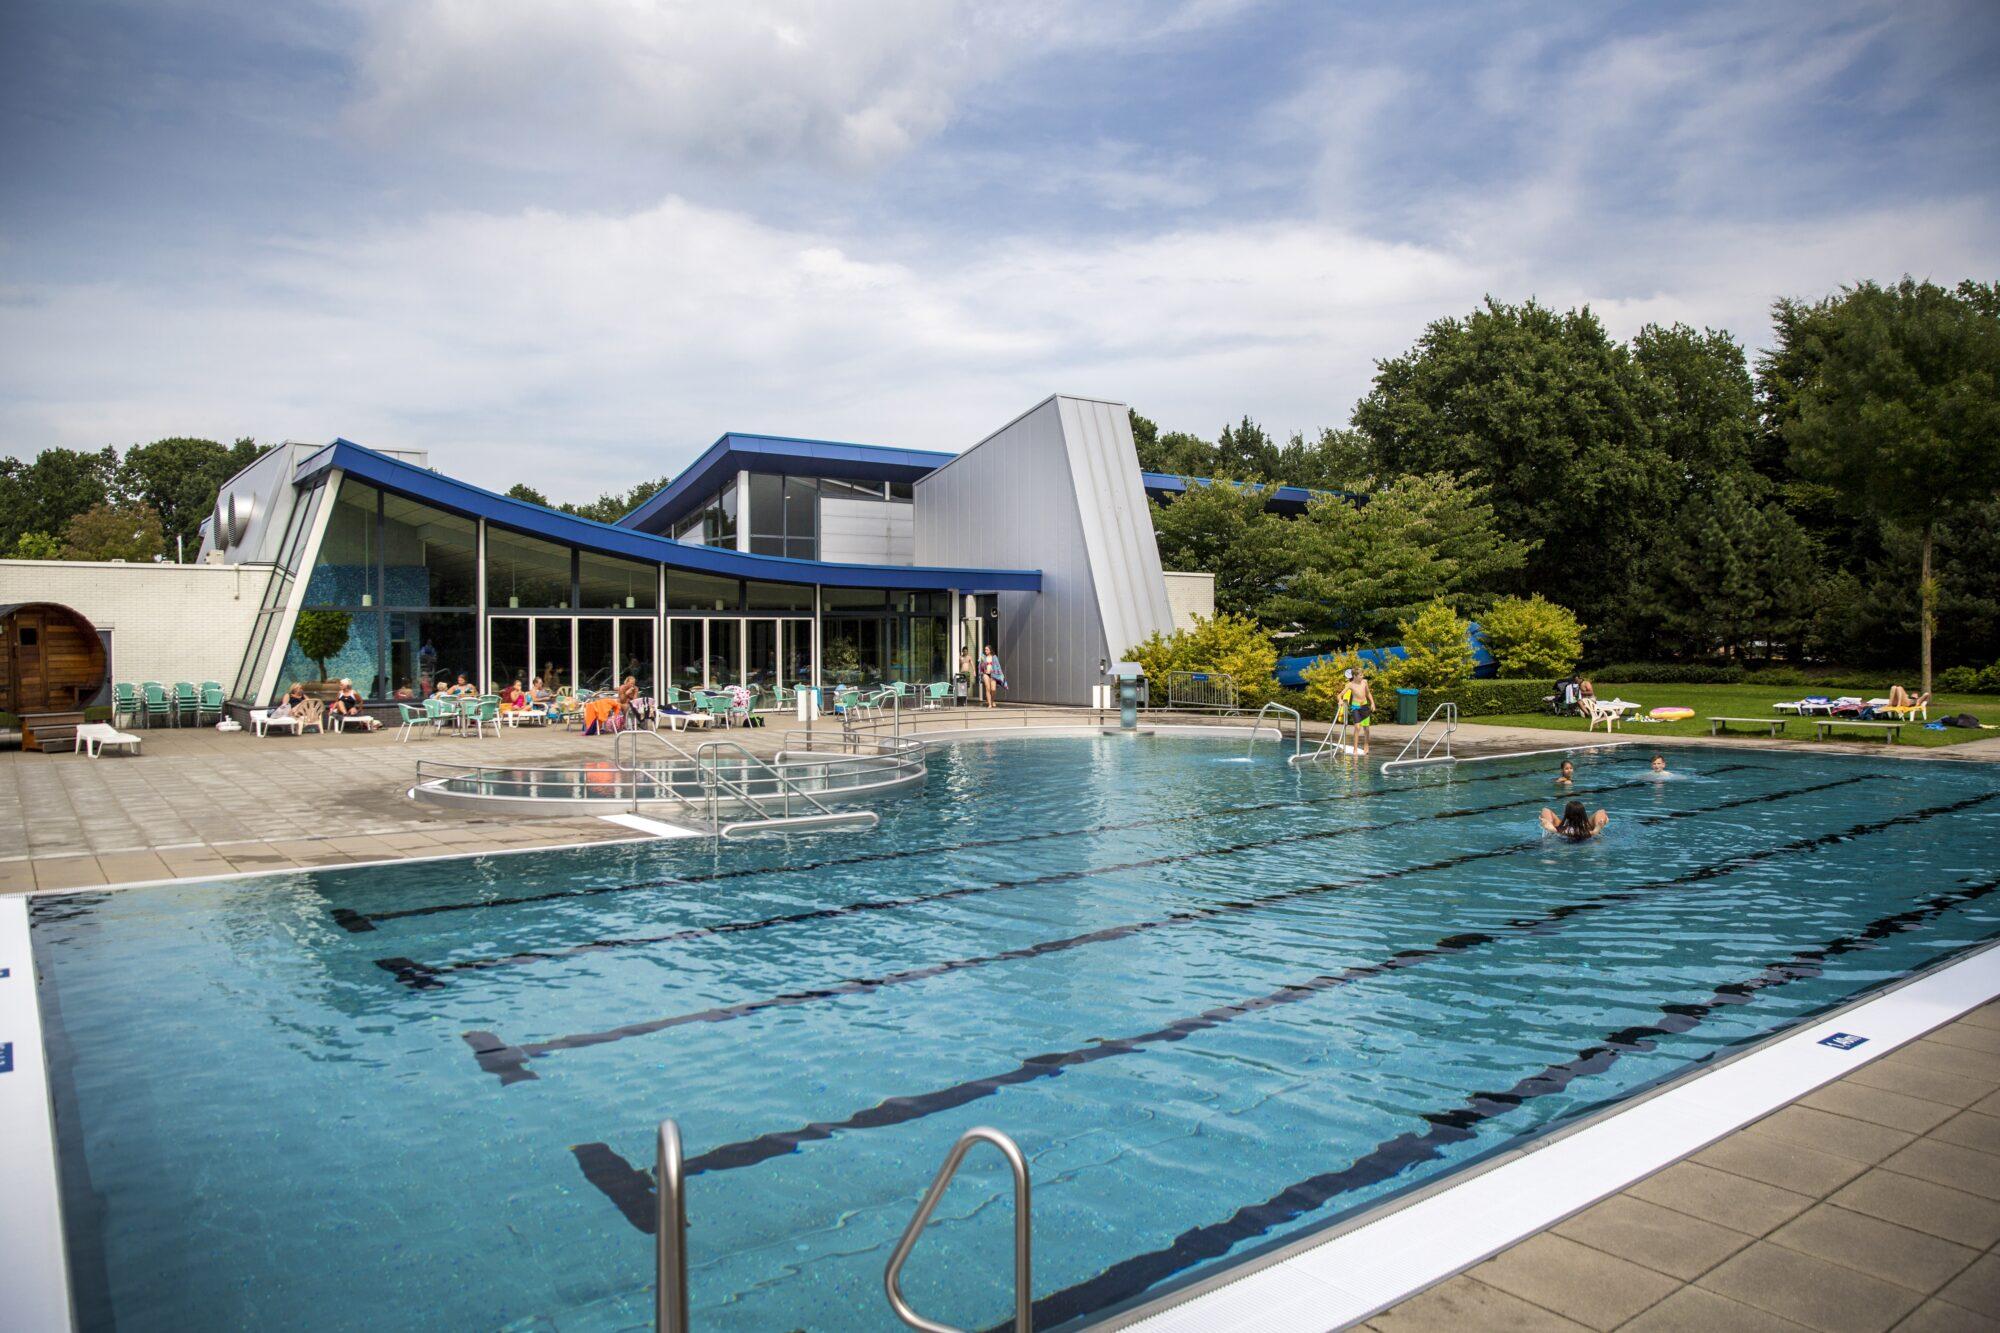 Buitenzwembad Aquacentrum Malkander gaat weer open